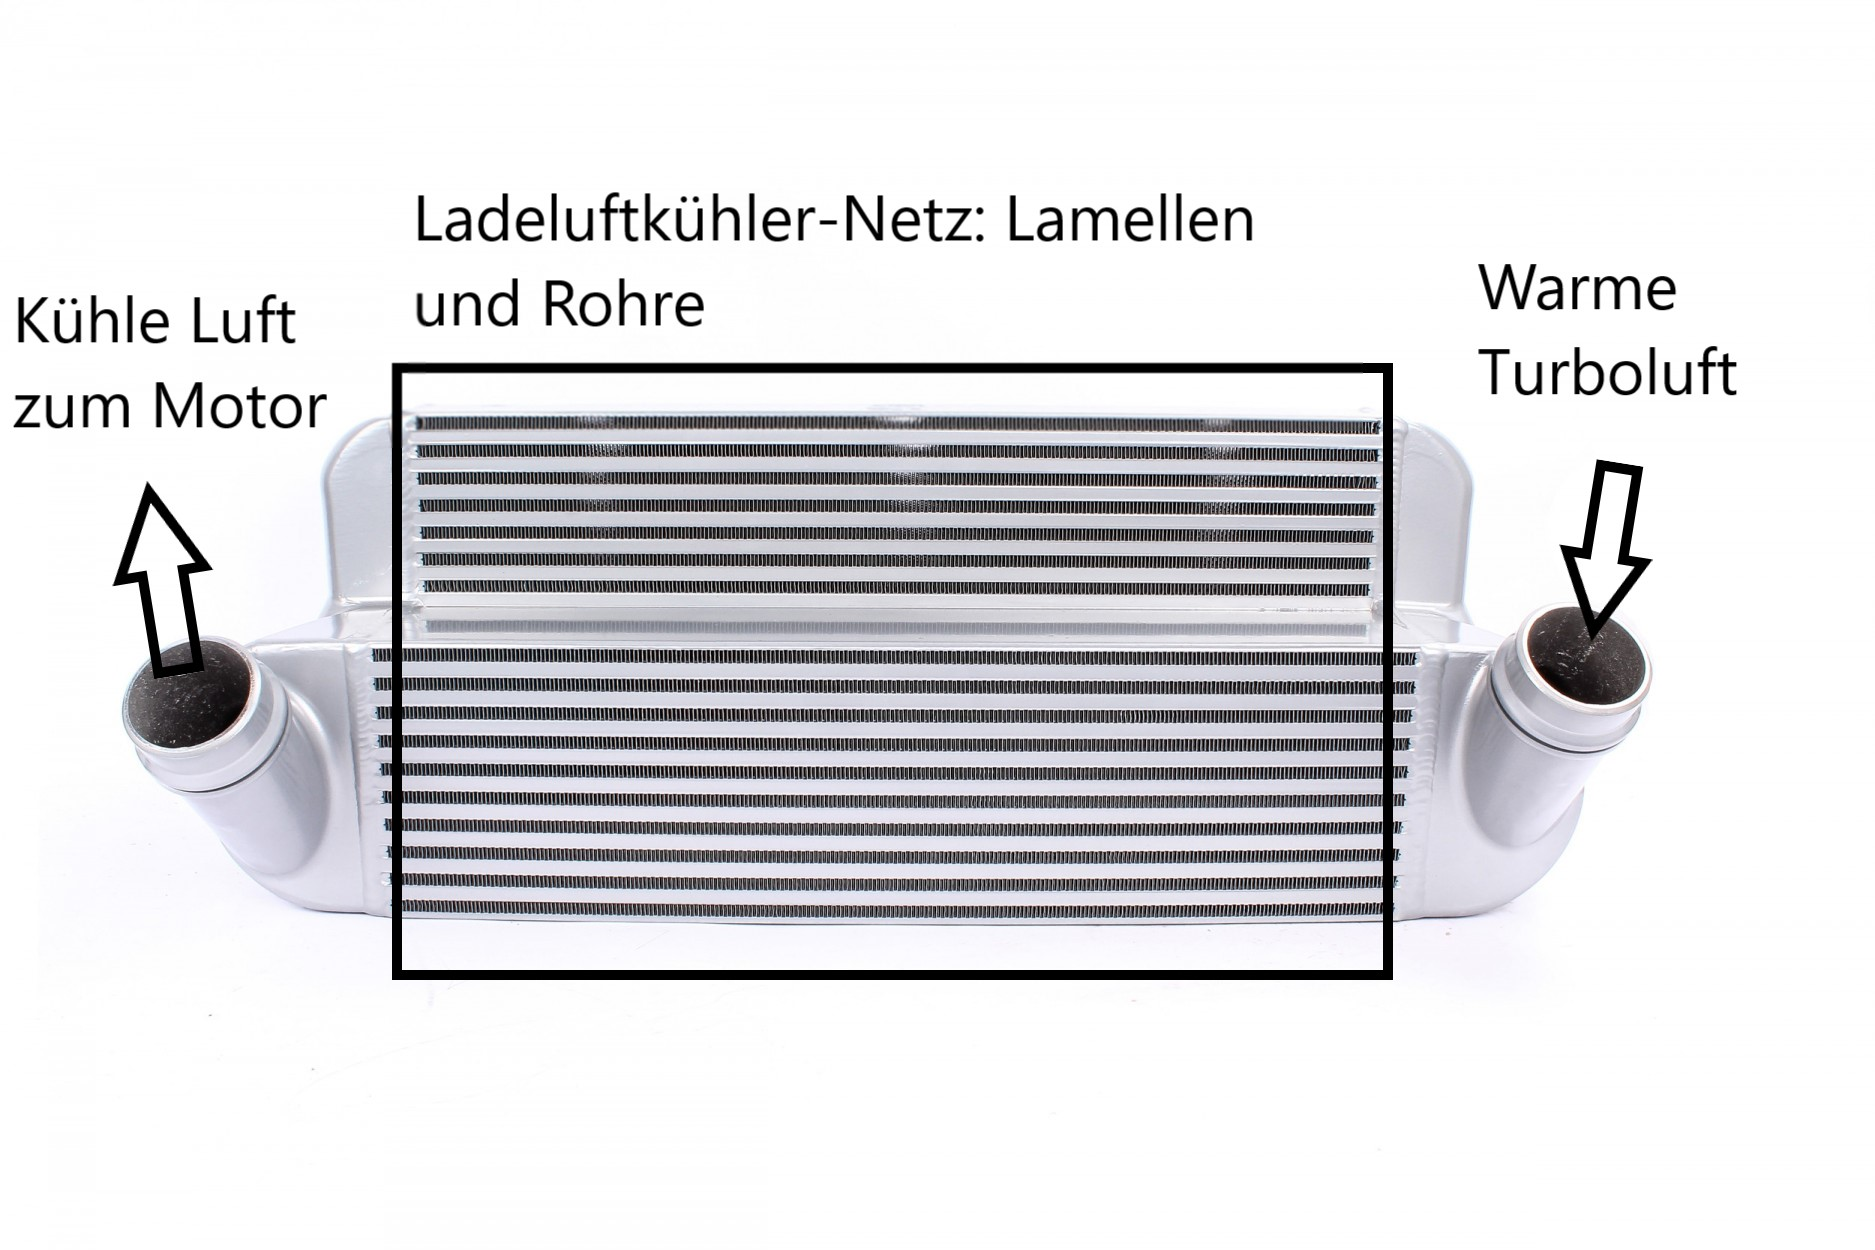 Aufbau Ladeluftkühler